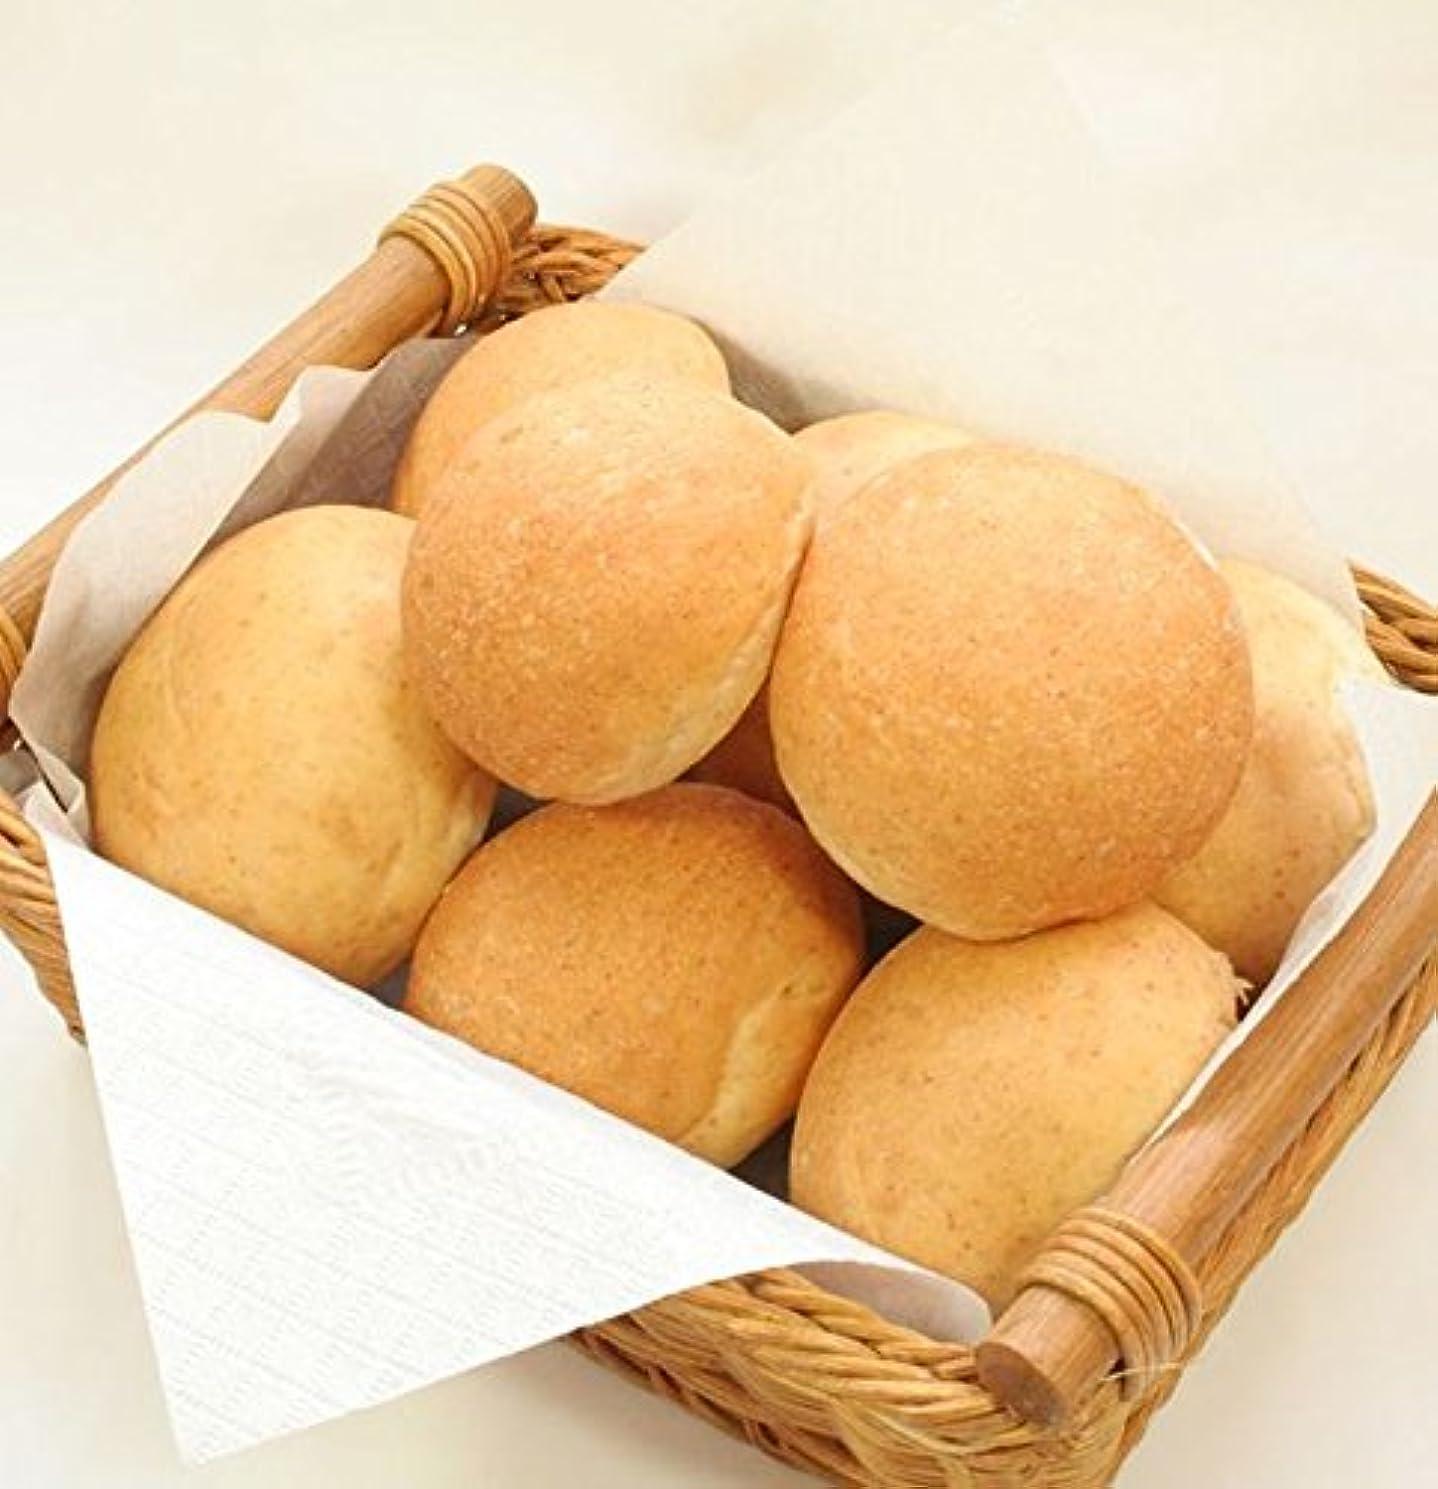 積極的にケーキ約束する胚芽ロール 24g×10個 (mk)(127342)